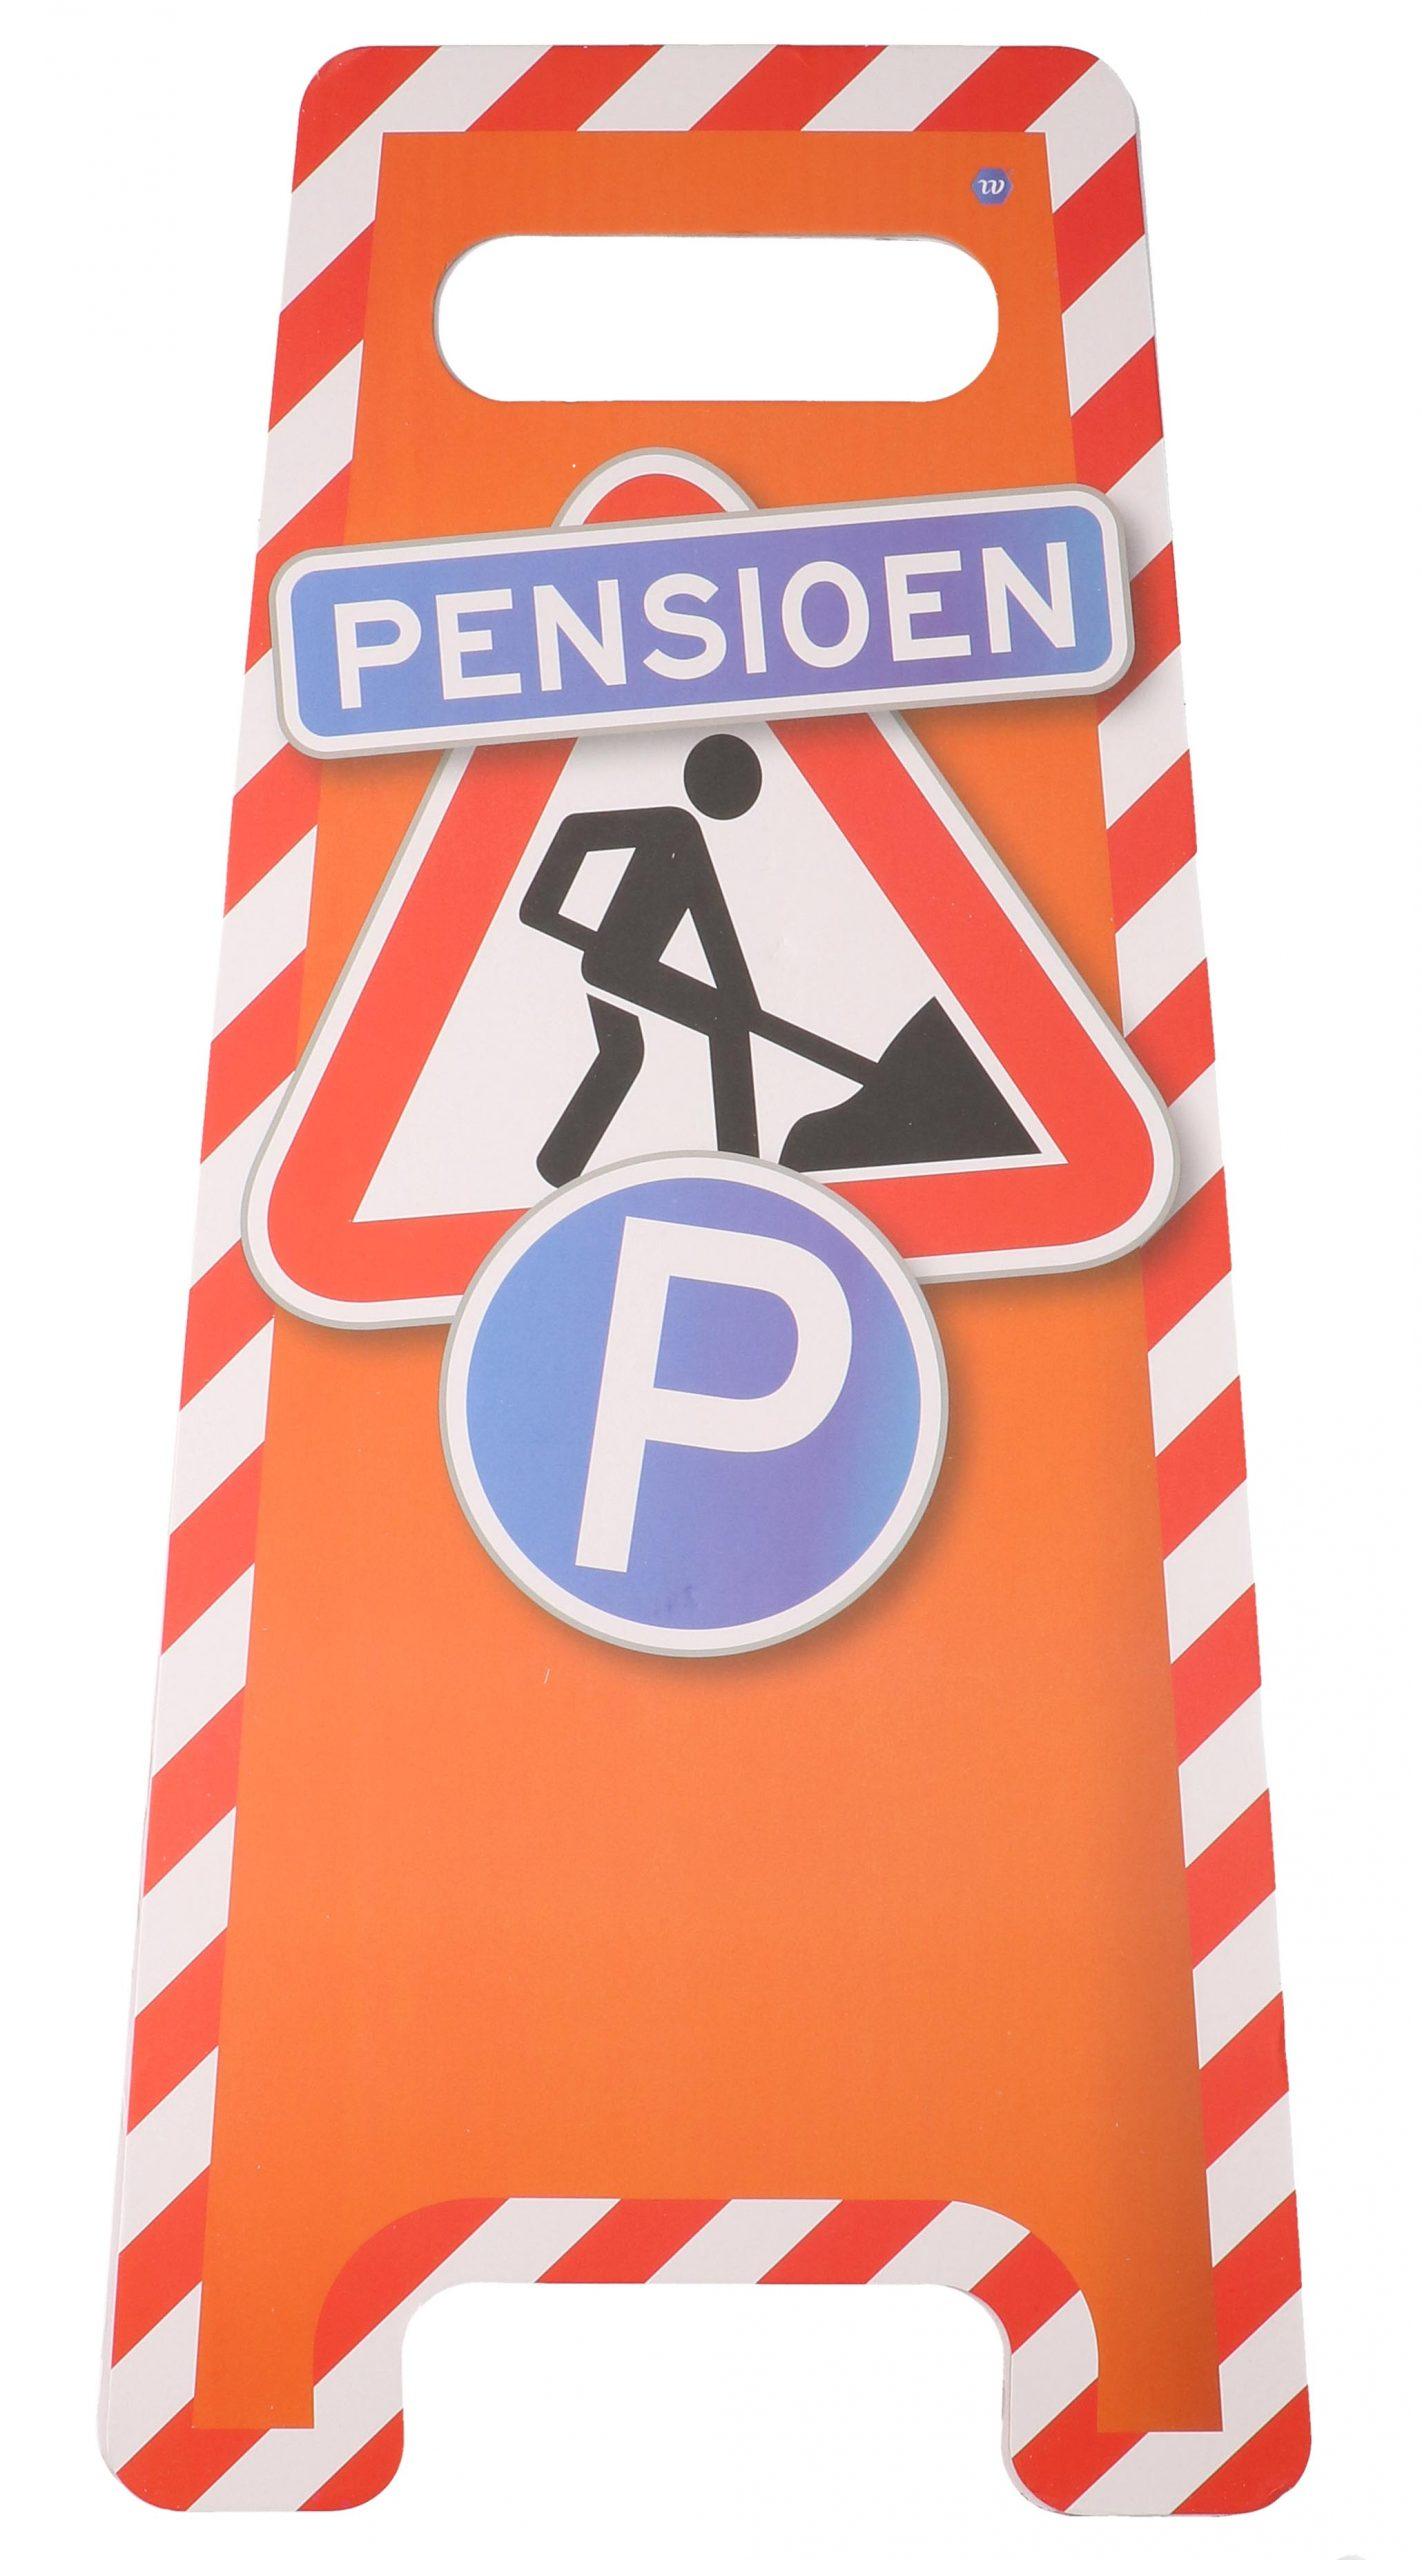 Pensioen vloerbord